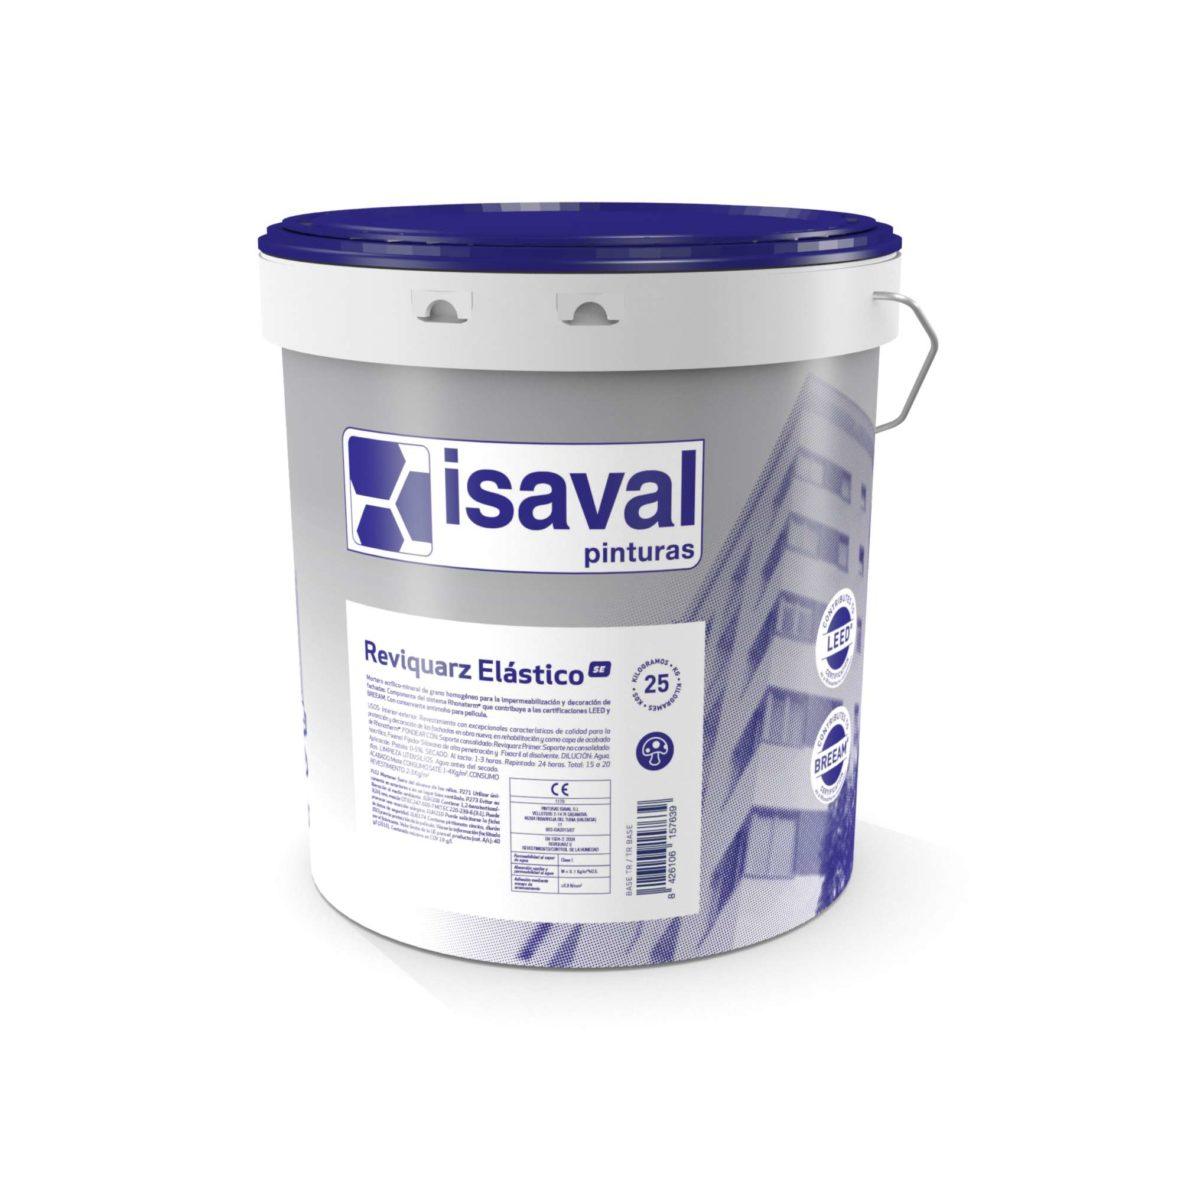 Reviquarz Elástico SE. Impermeabilizante acrílico semiespeso. Pinturas Isaval